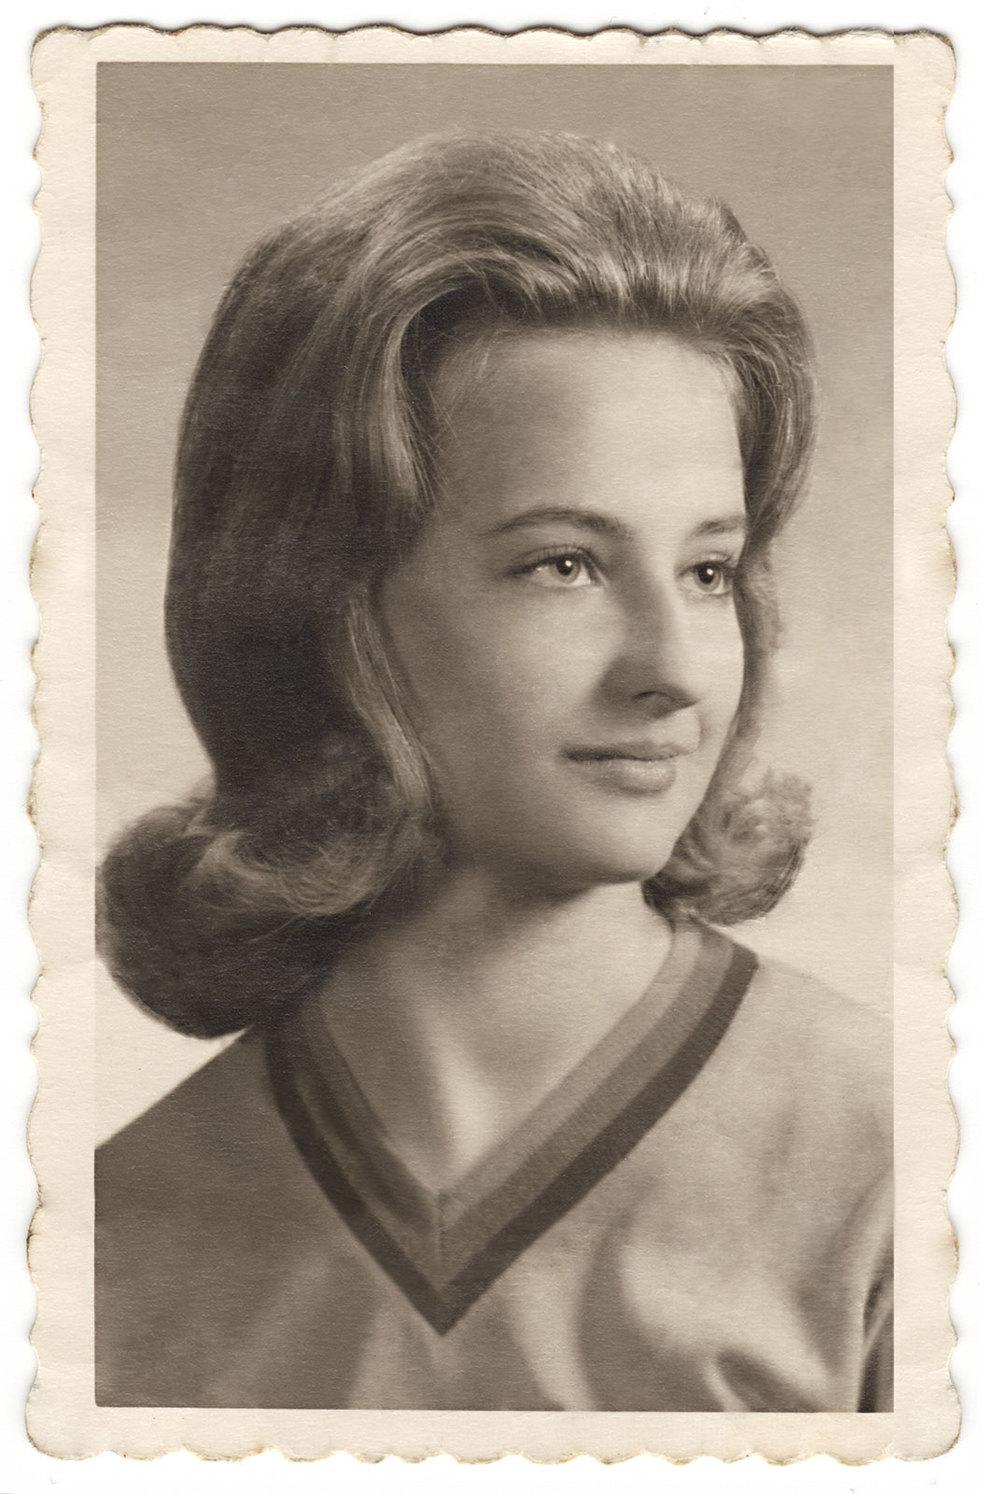 Joyce-senior-photo_clean.jpg